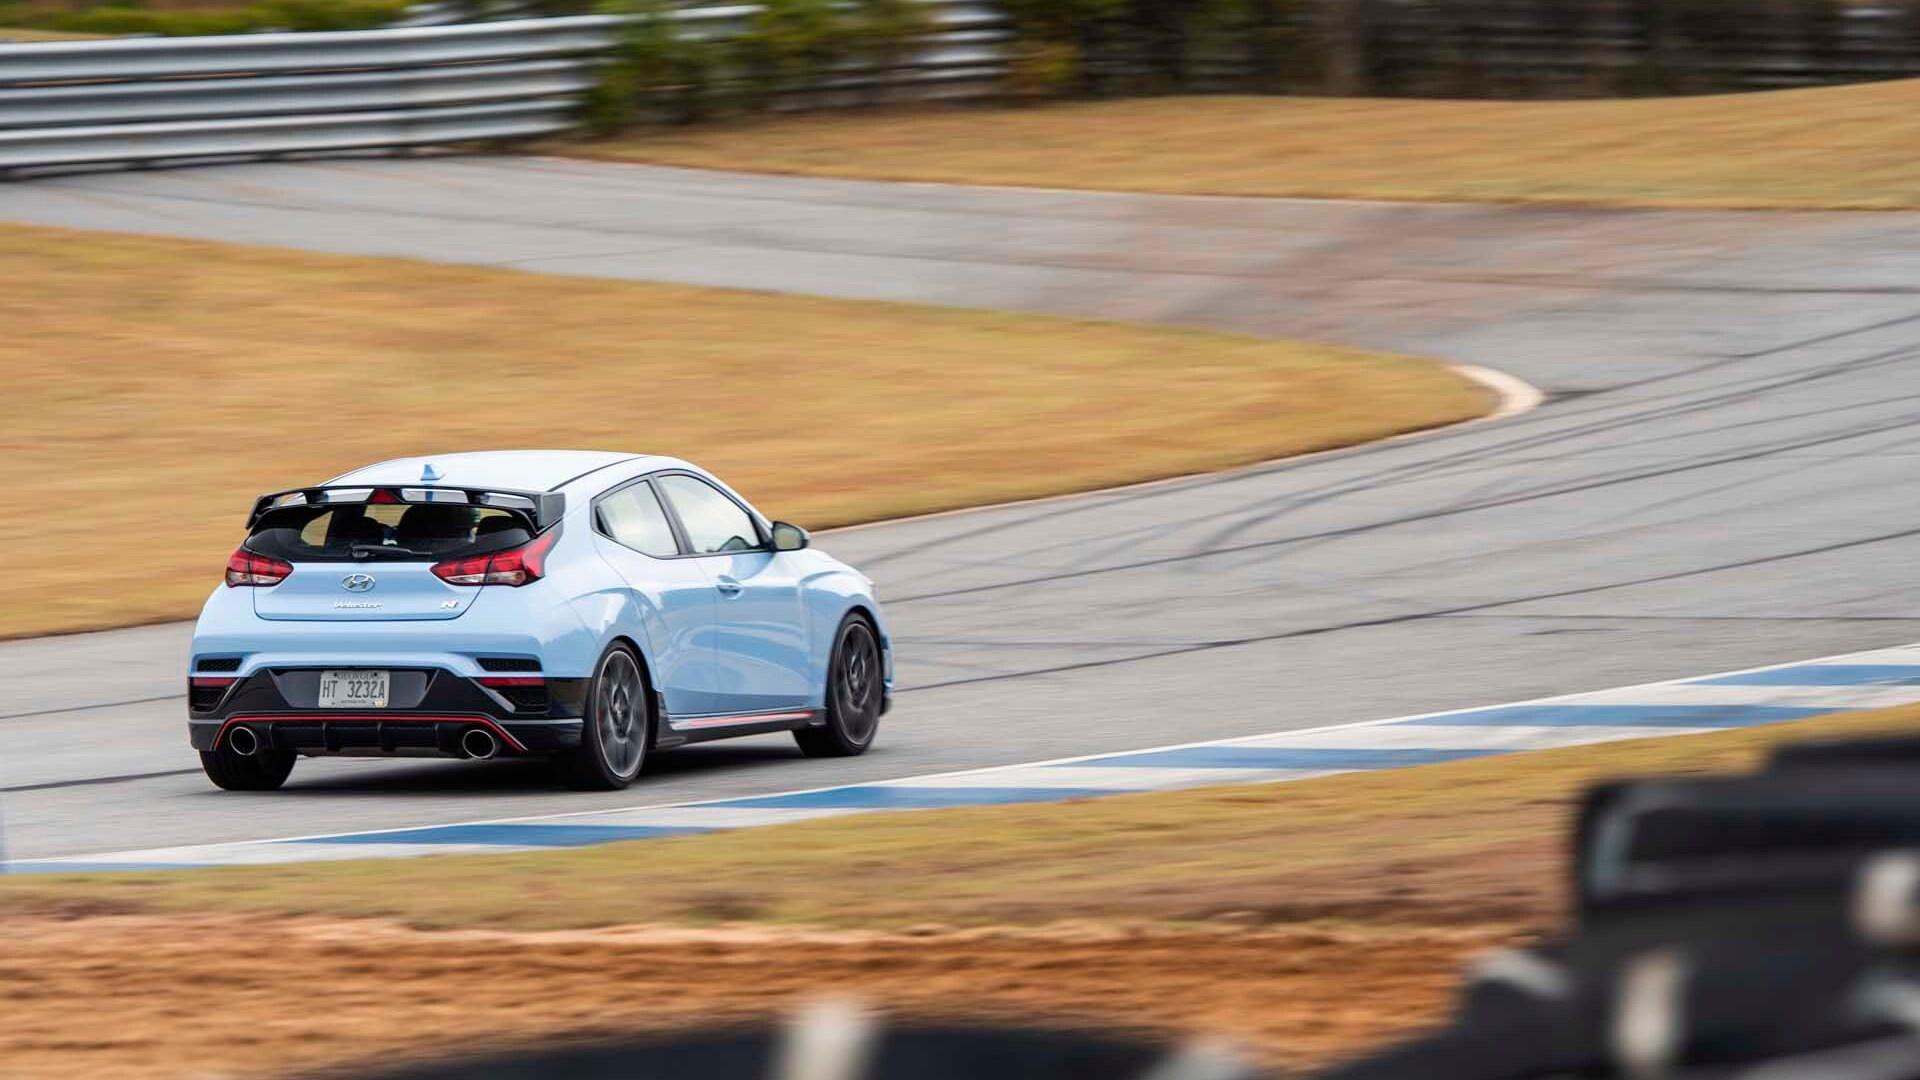 2019 Hyundai Veloster N - Best Car To Buy 2020